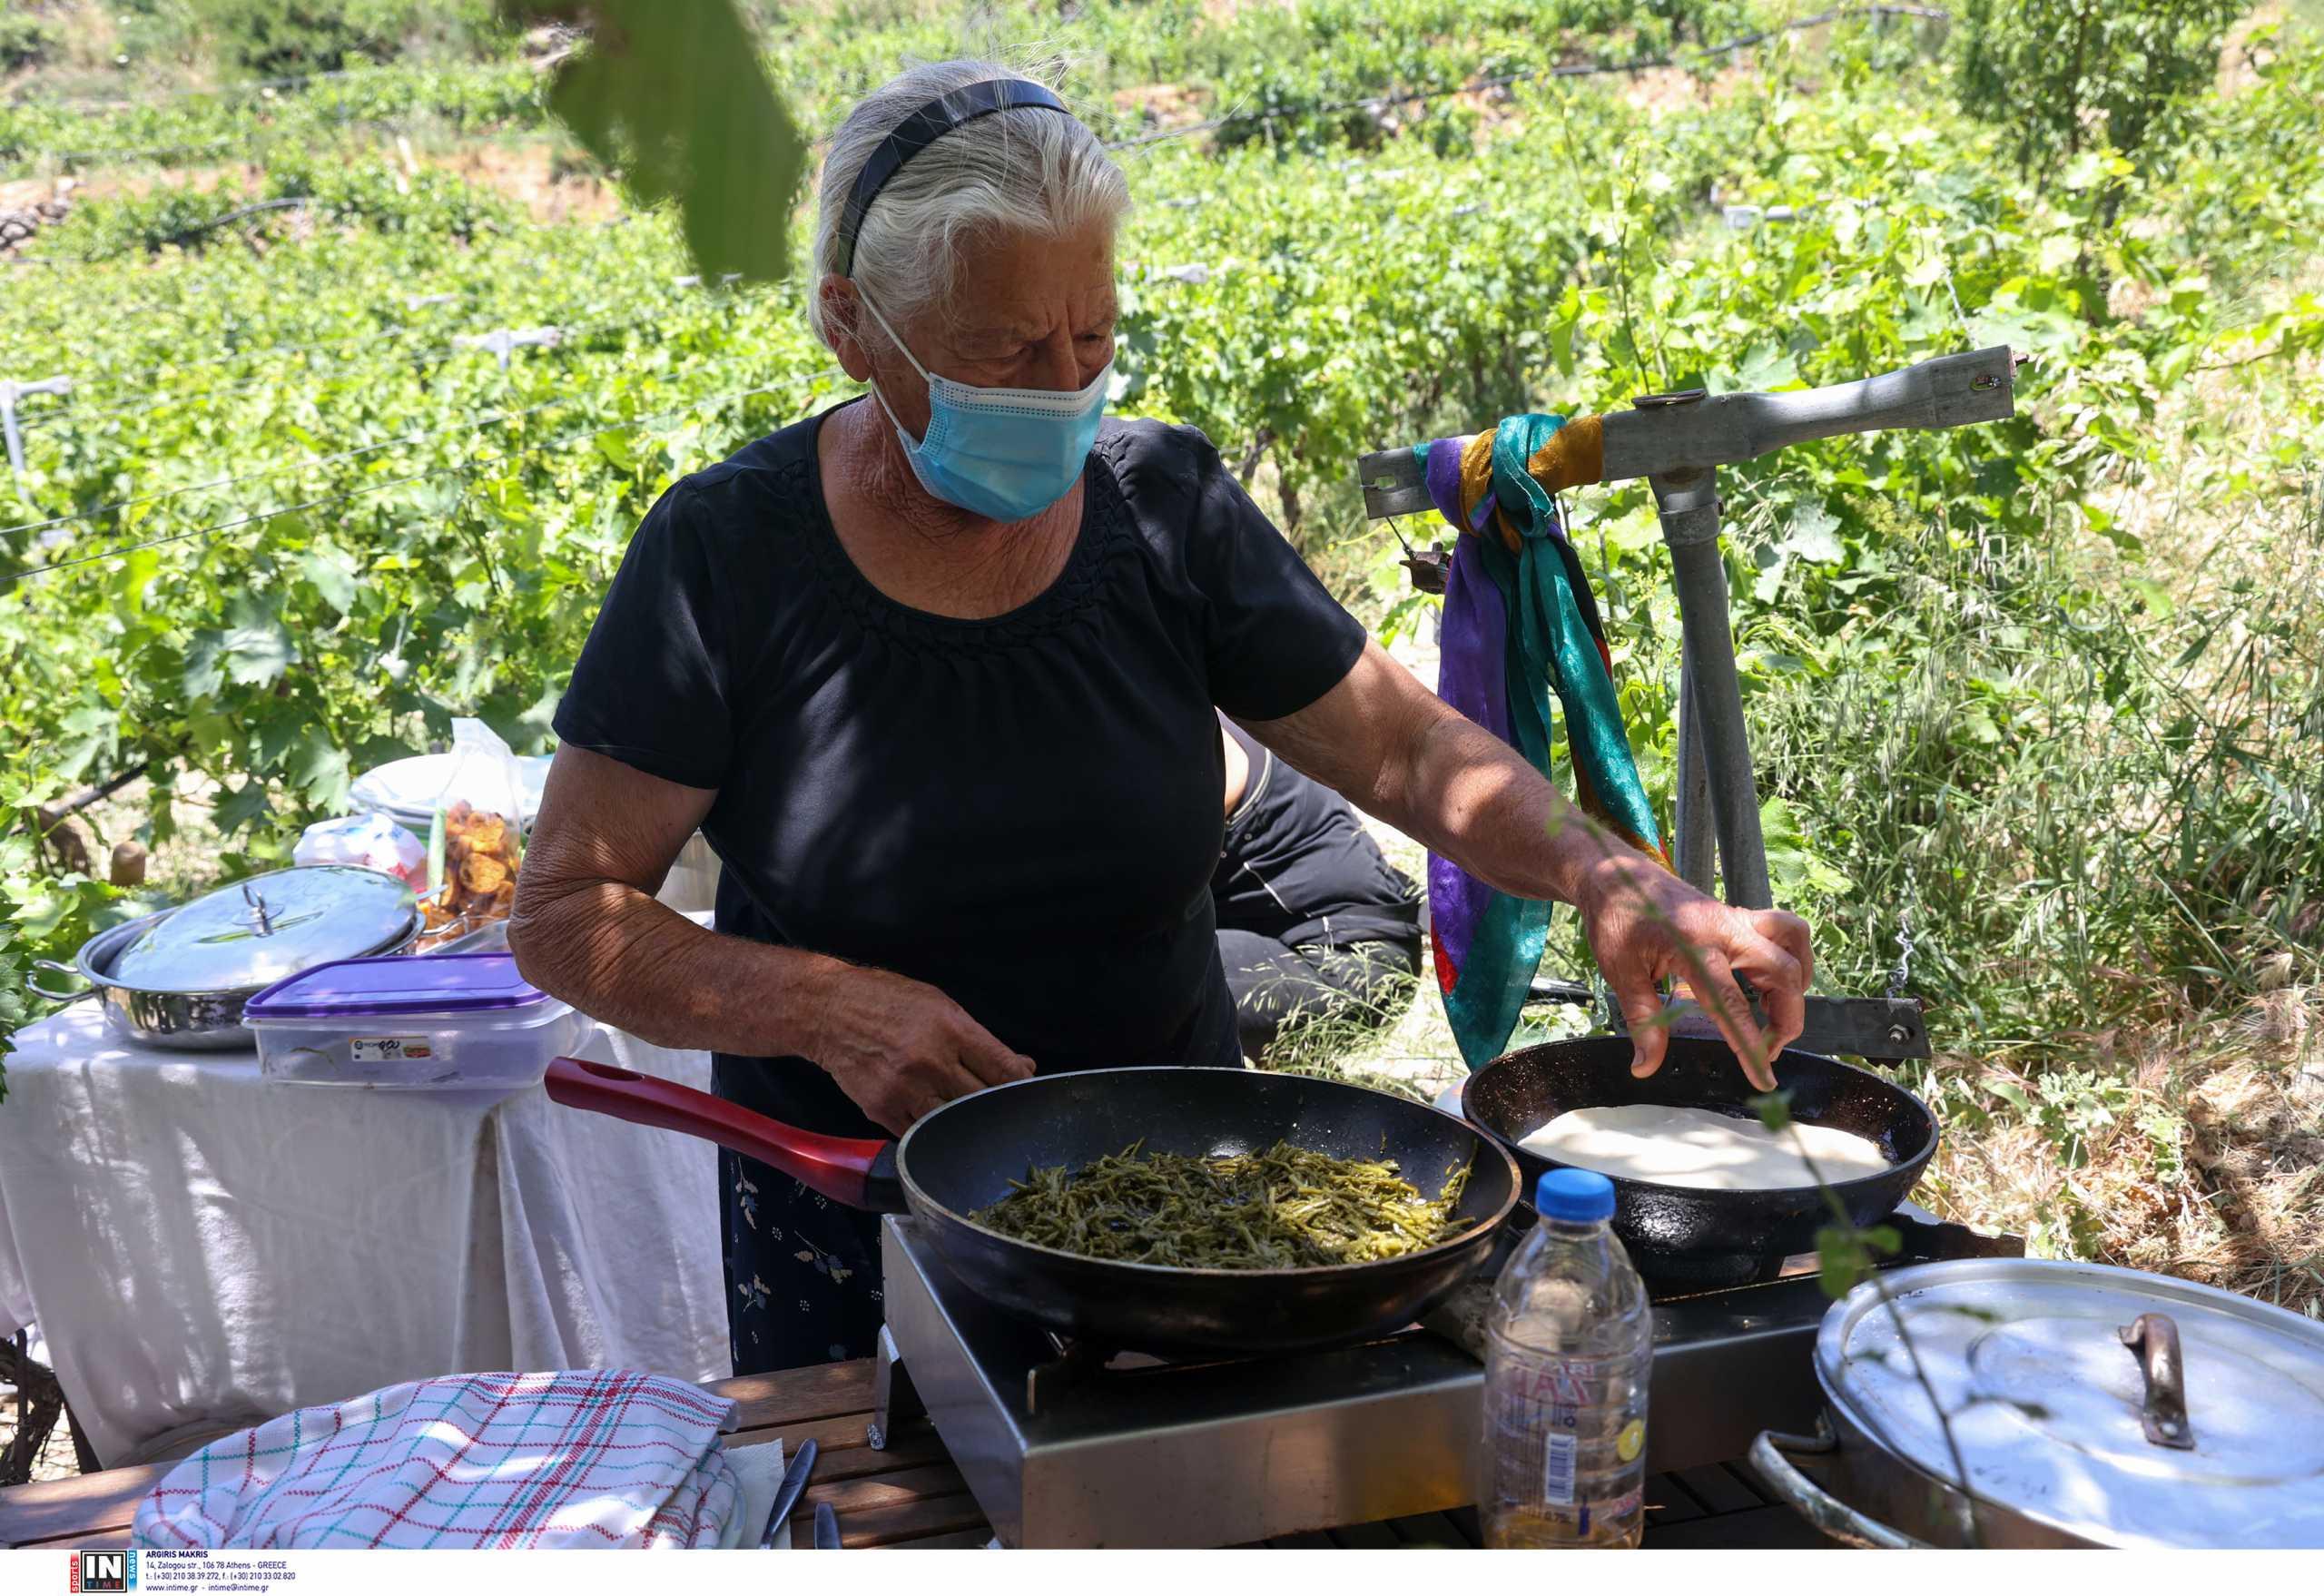 Κρήτη: Με όχημα το διάσημο νερό του – Βόλτα στο γραφικό χωριό που κερδίζει συνεχώς οπαδούς